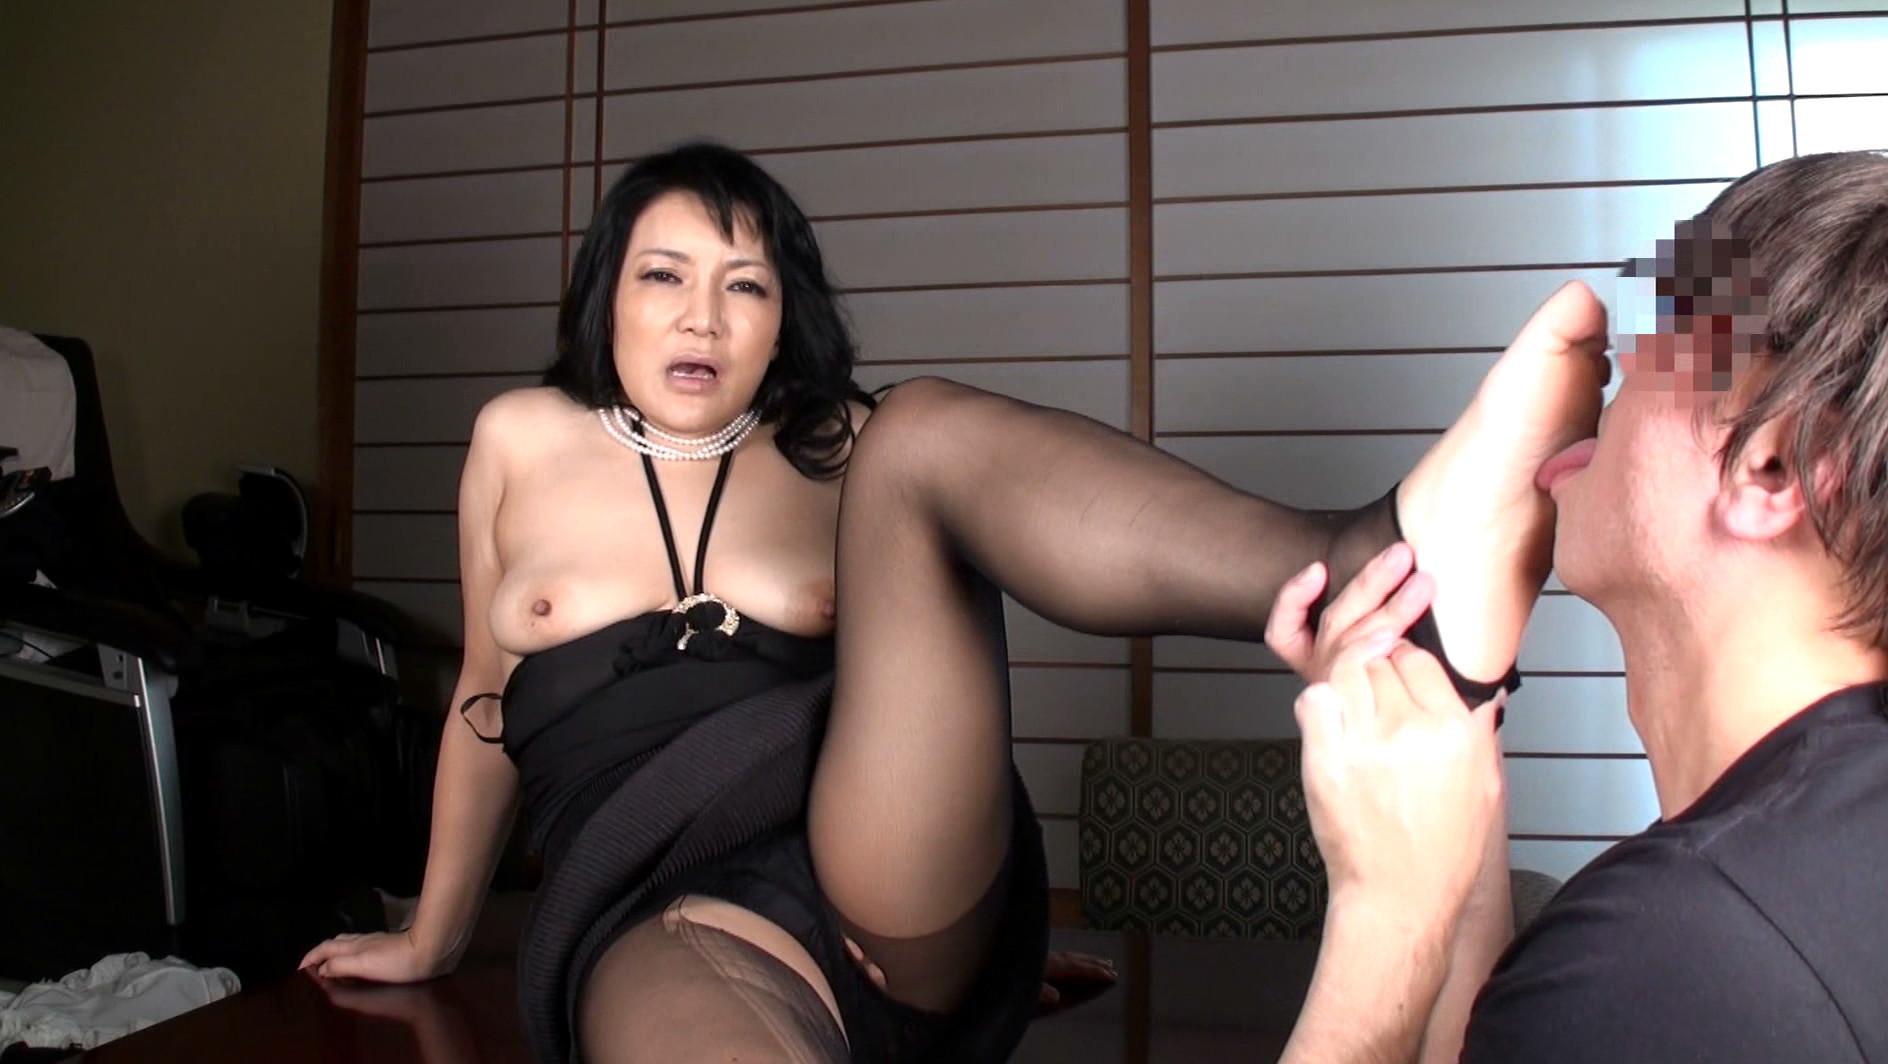 本物現役女社長 霧島ゆかり五十歳 首絞めでアクメに達する女 画像7